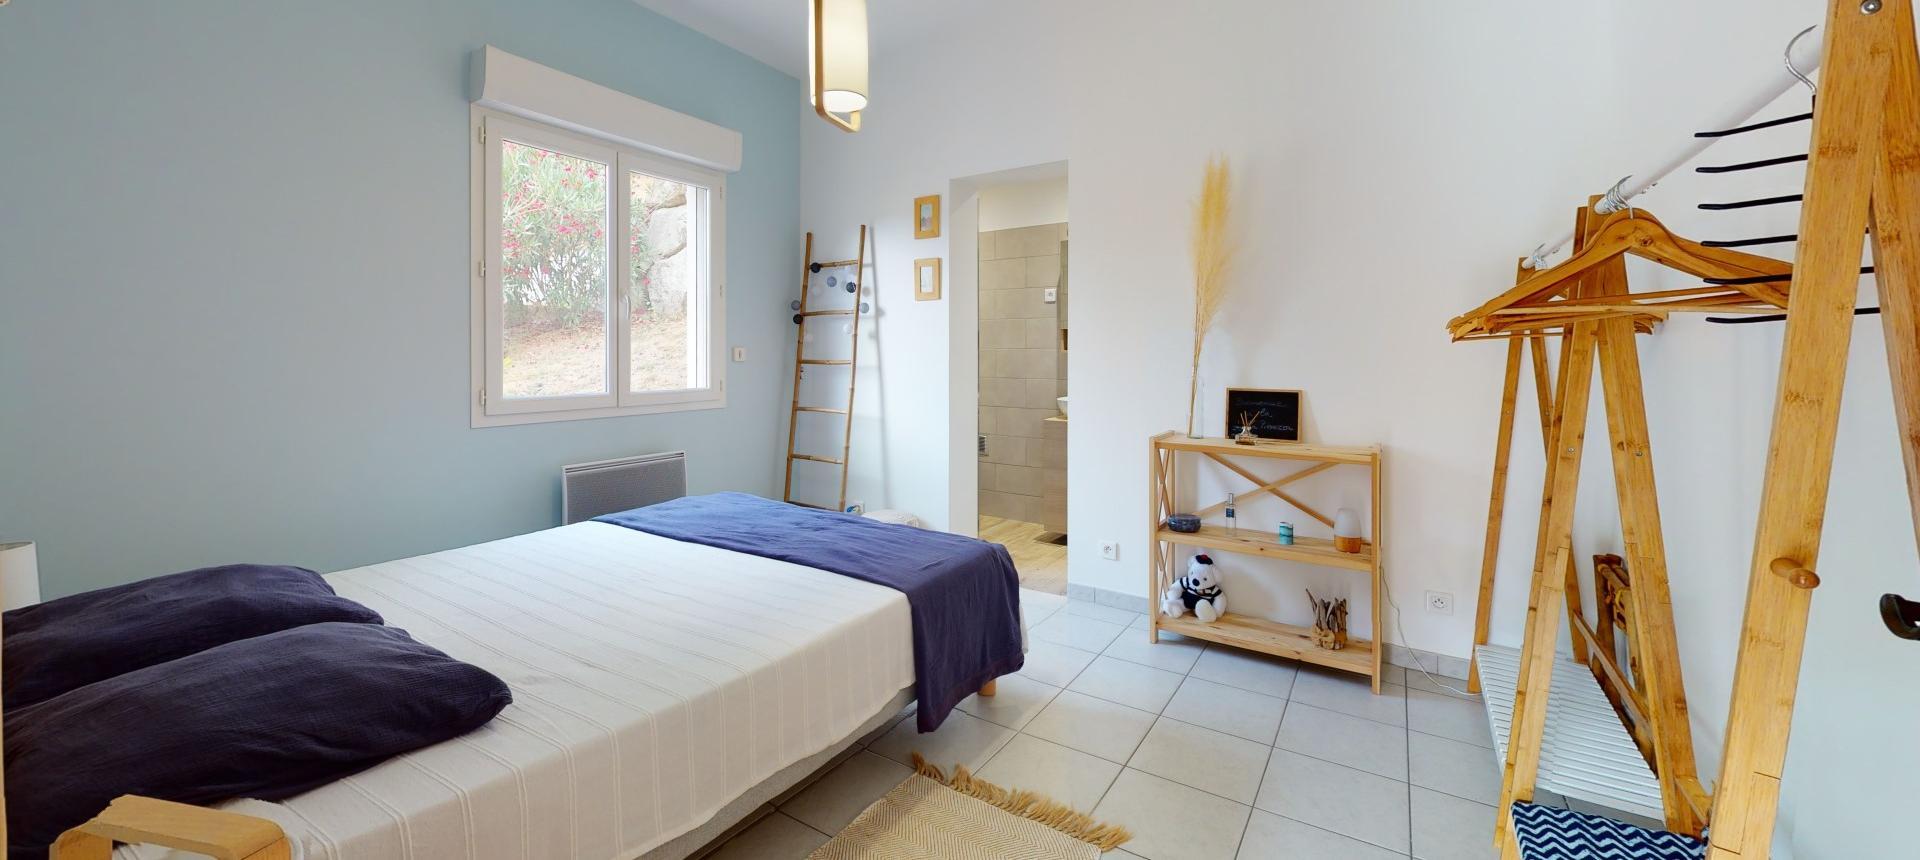 Villa à vendre proche Ajaccio - San Benedetto - Suite parentale RDJ